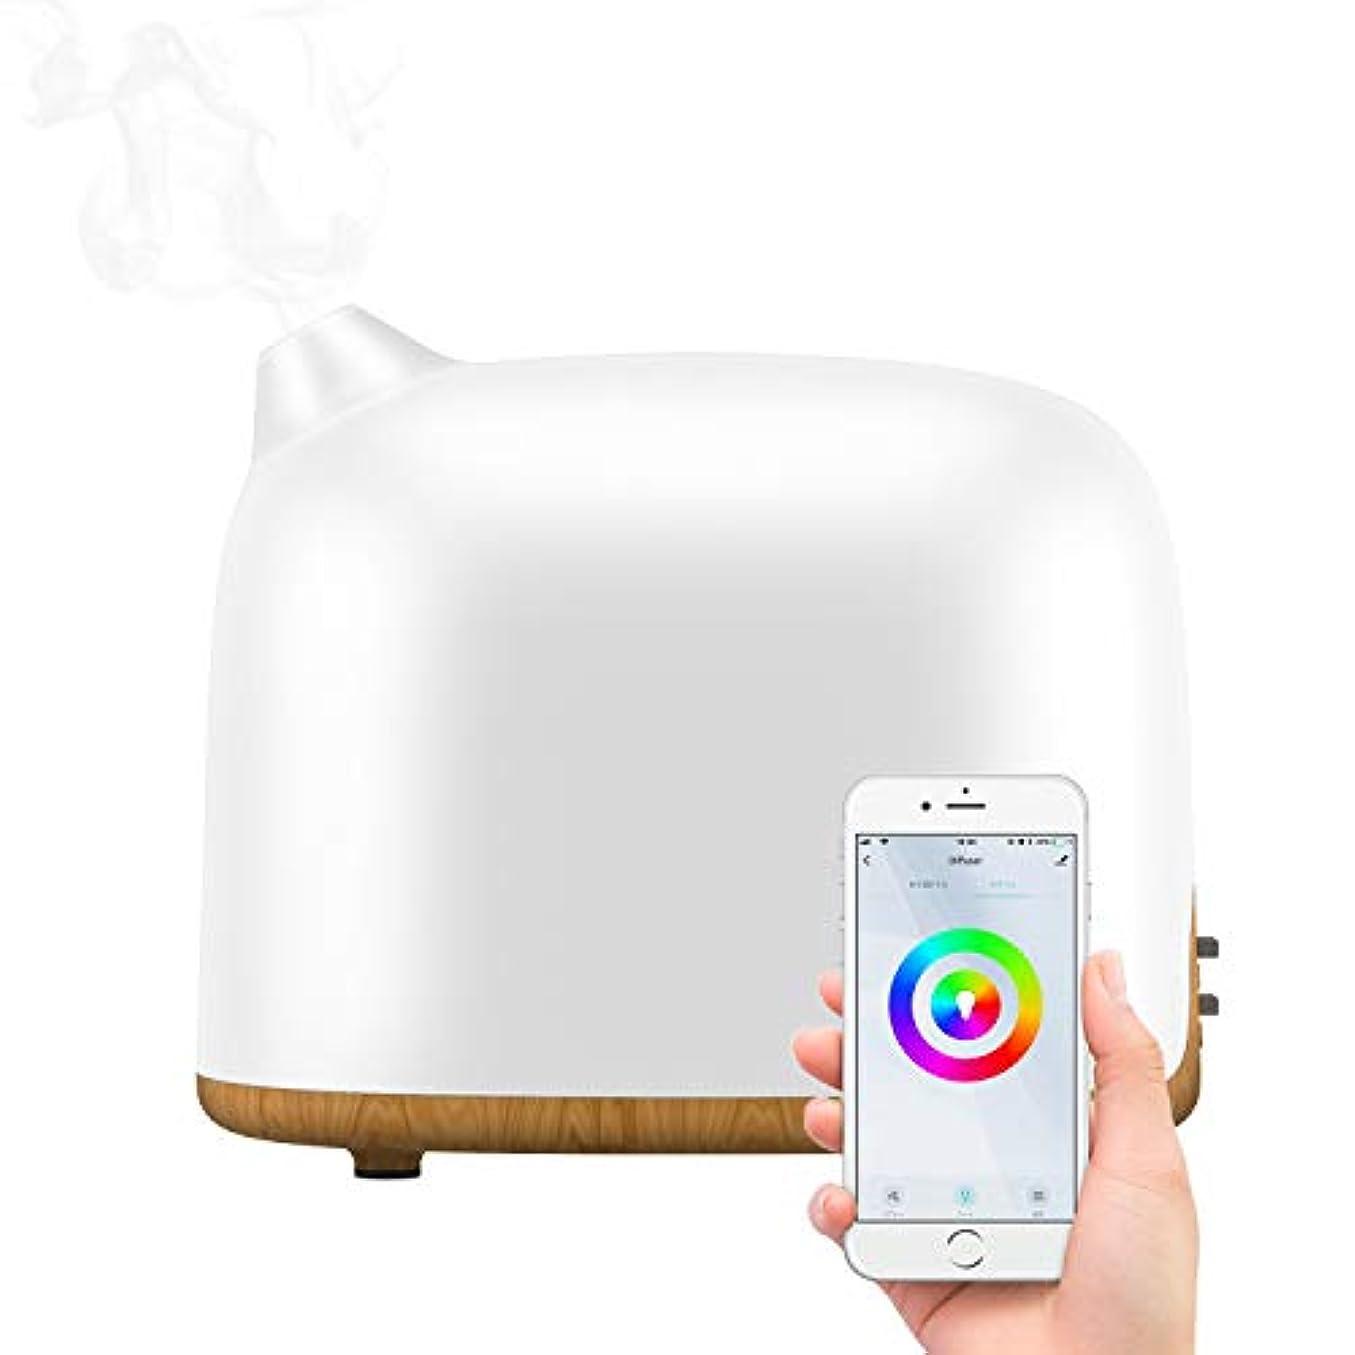 気難しい額偽装する[令和最新版]スマートアロマディフューザー MILcea スマホ連動 超音波アロマ加湿器 ミスト2段階調節 14色LEDライト変換 時間設定 静音 省エネ 空焚き防止機能付き Amazon Echo/Google Home対応 乾燥/花粉症対策 300ML 木目調